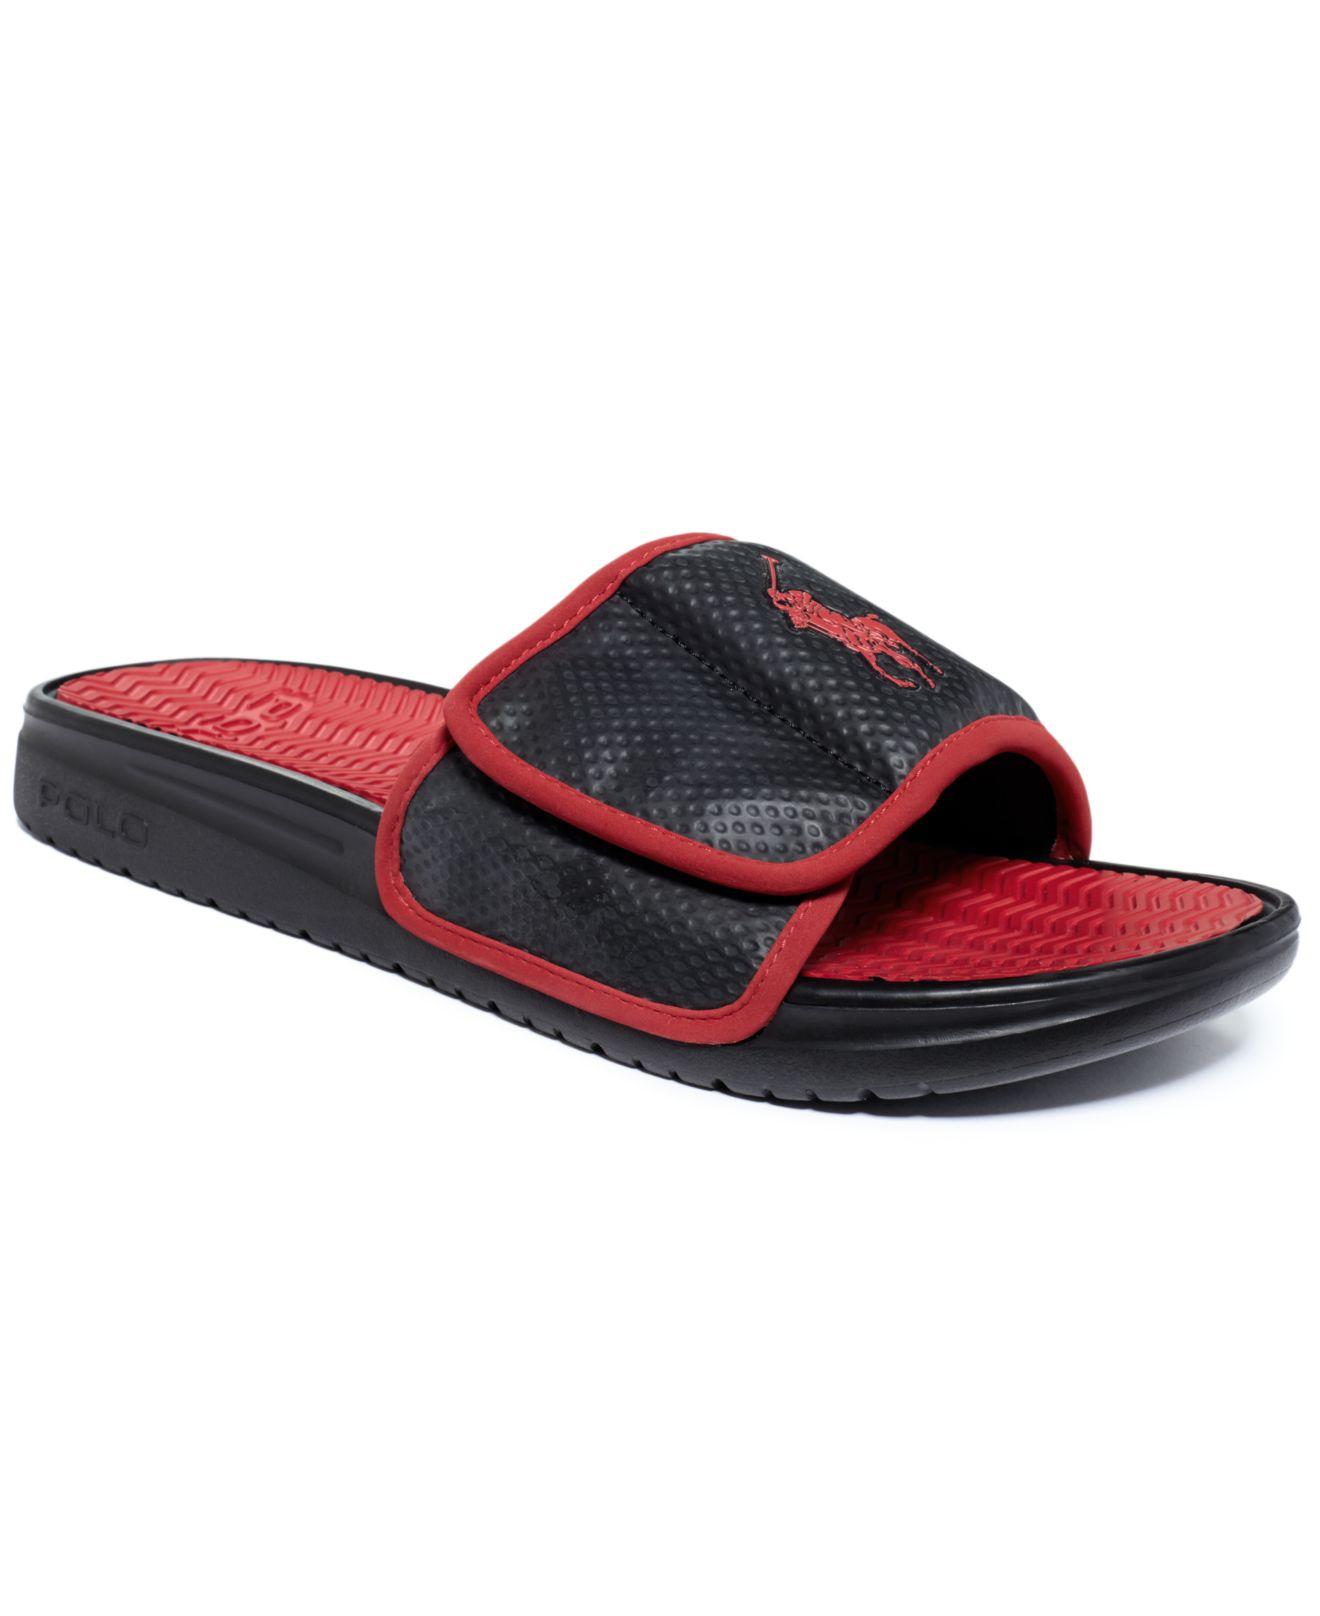 666ed86281df Lyst polo ralph lauren romsey sandals in black for men jpg 1320x1616 Red polo  slides